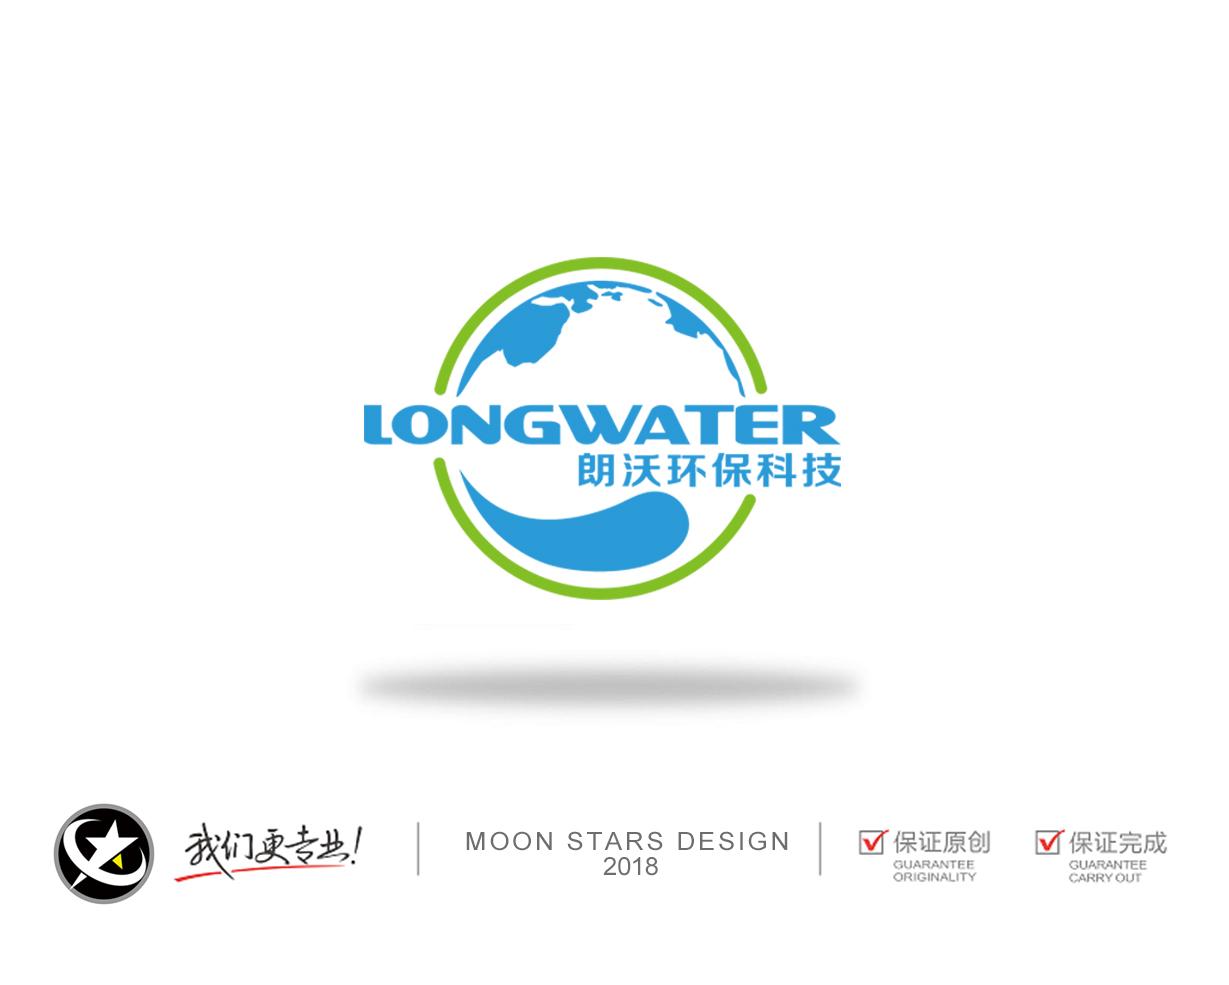 某环保科技有限公司logo商标设计_2961098_k68威客网